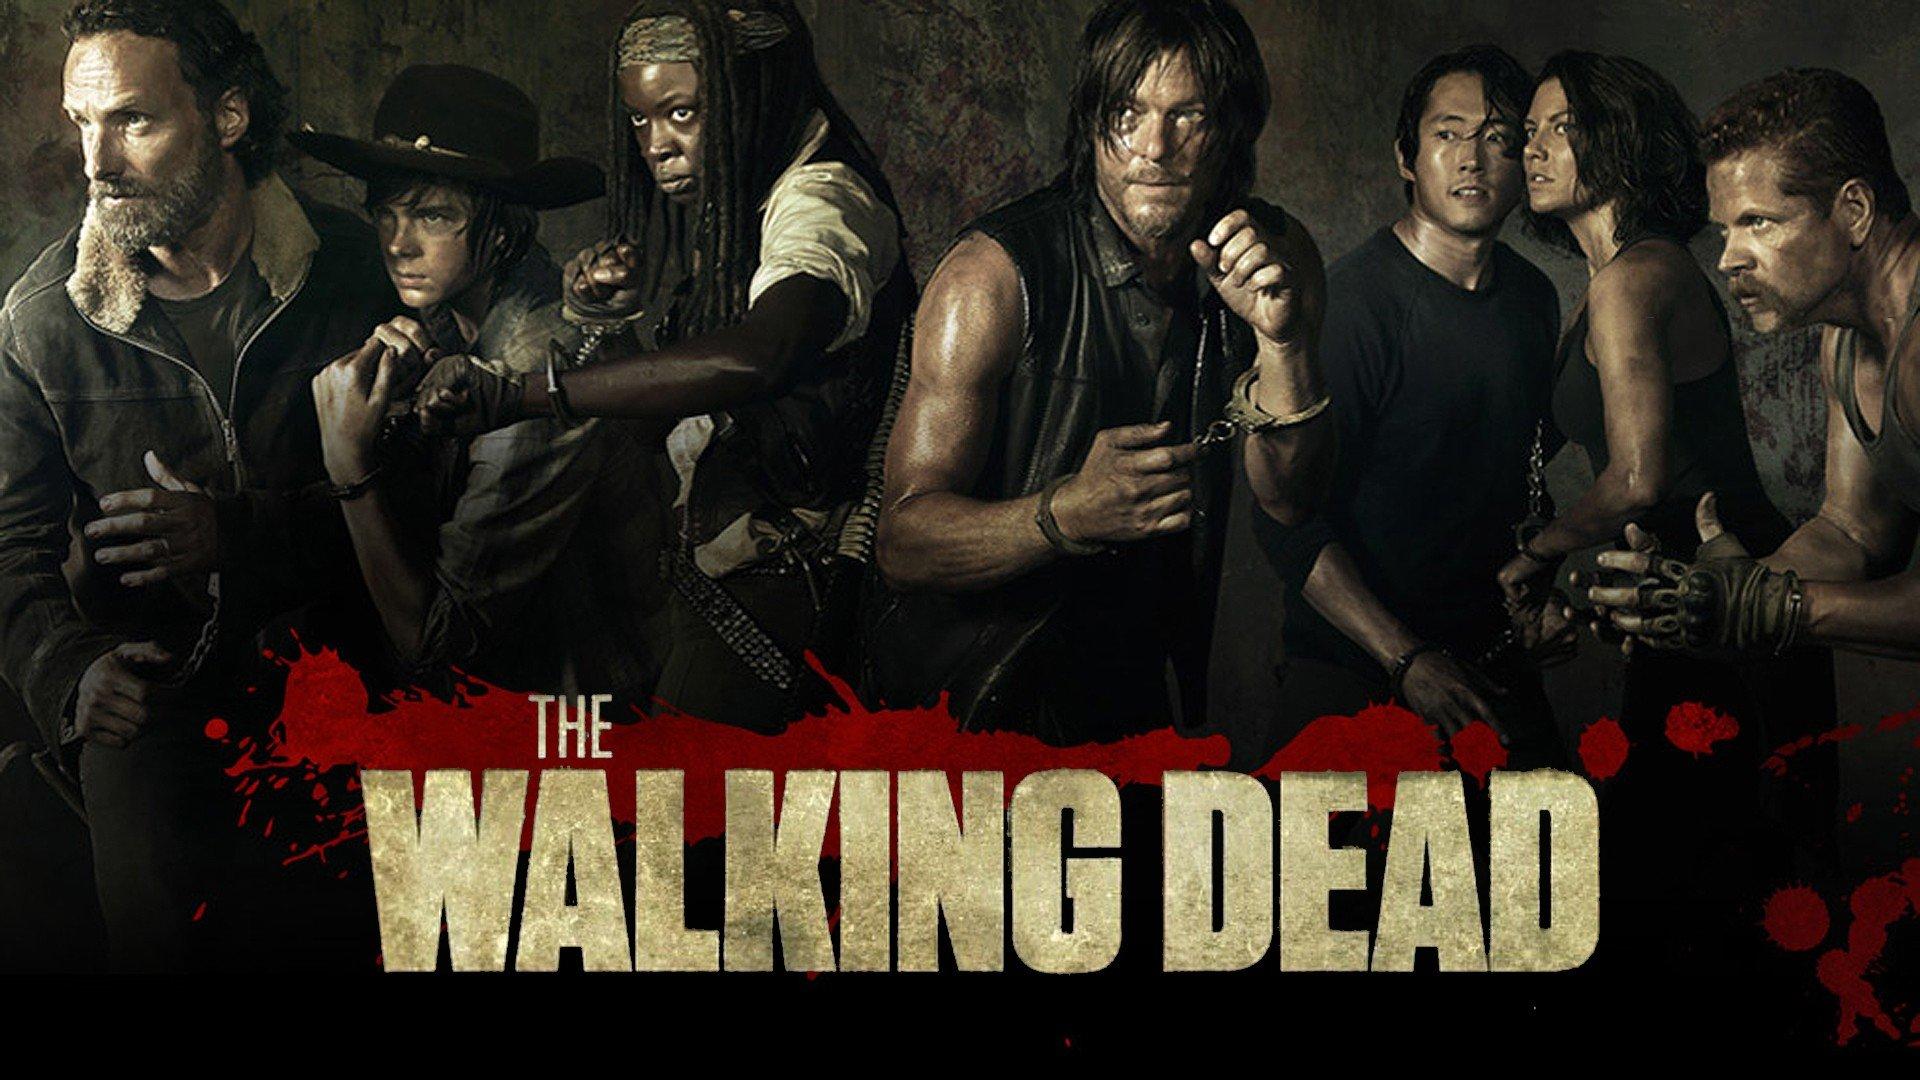 The Walking Dead Wallpapers 1920x1080 Full Hd 1080p Desktop